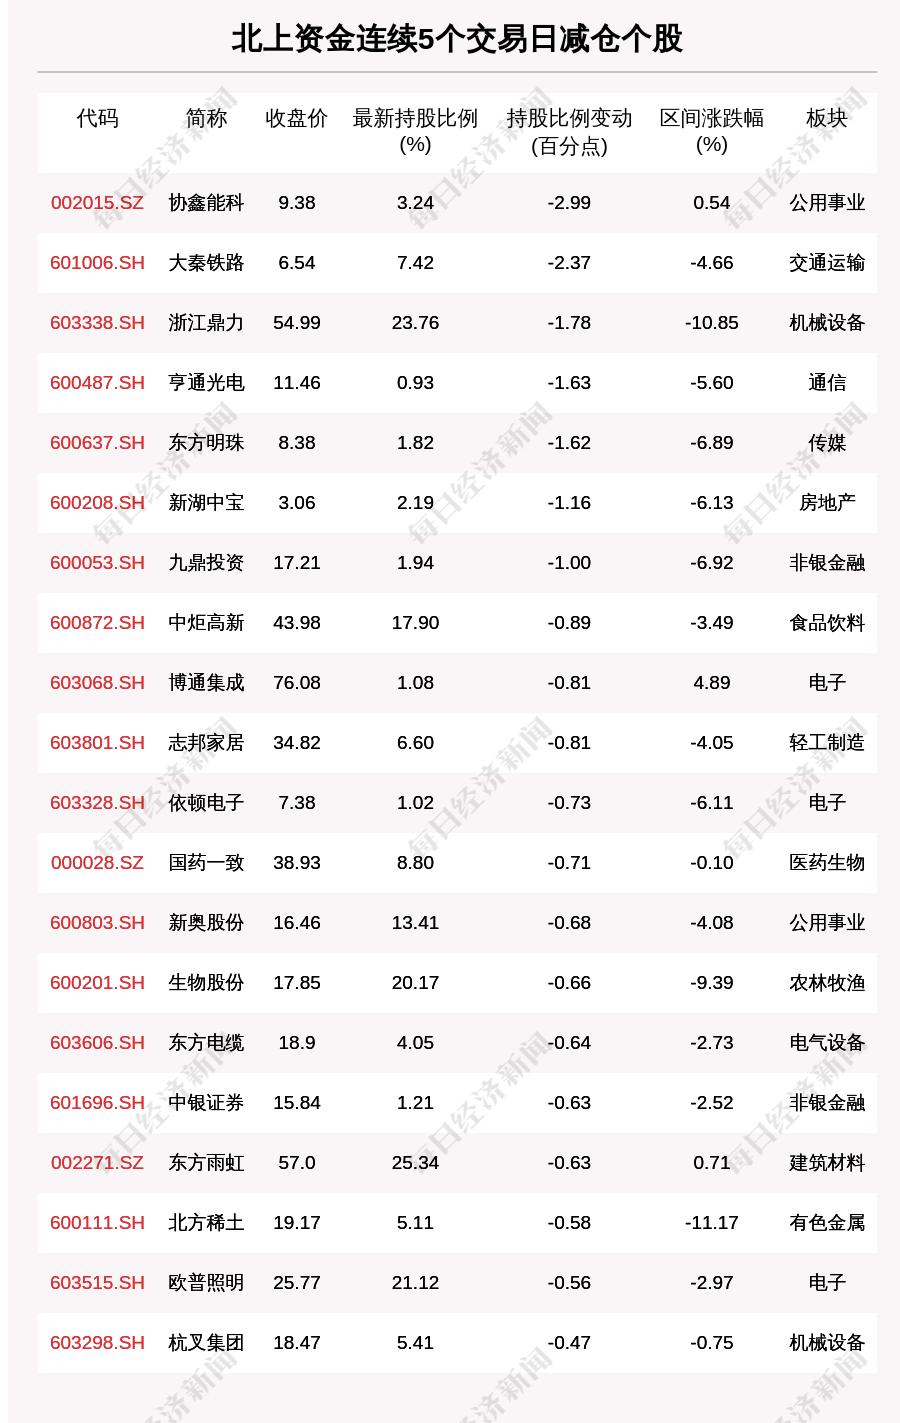 揭秘北上资金:连续5日减仓这60只个股(附名单)